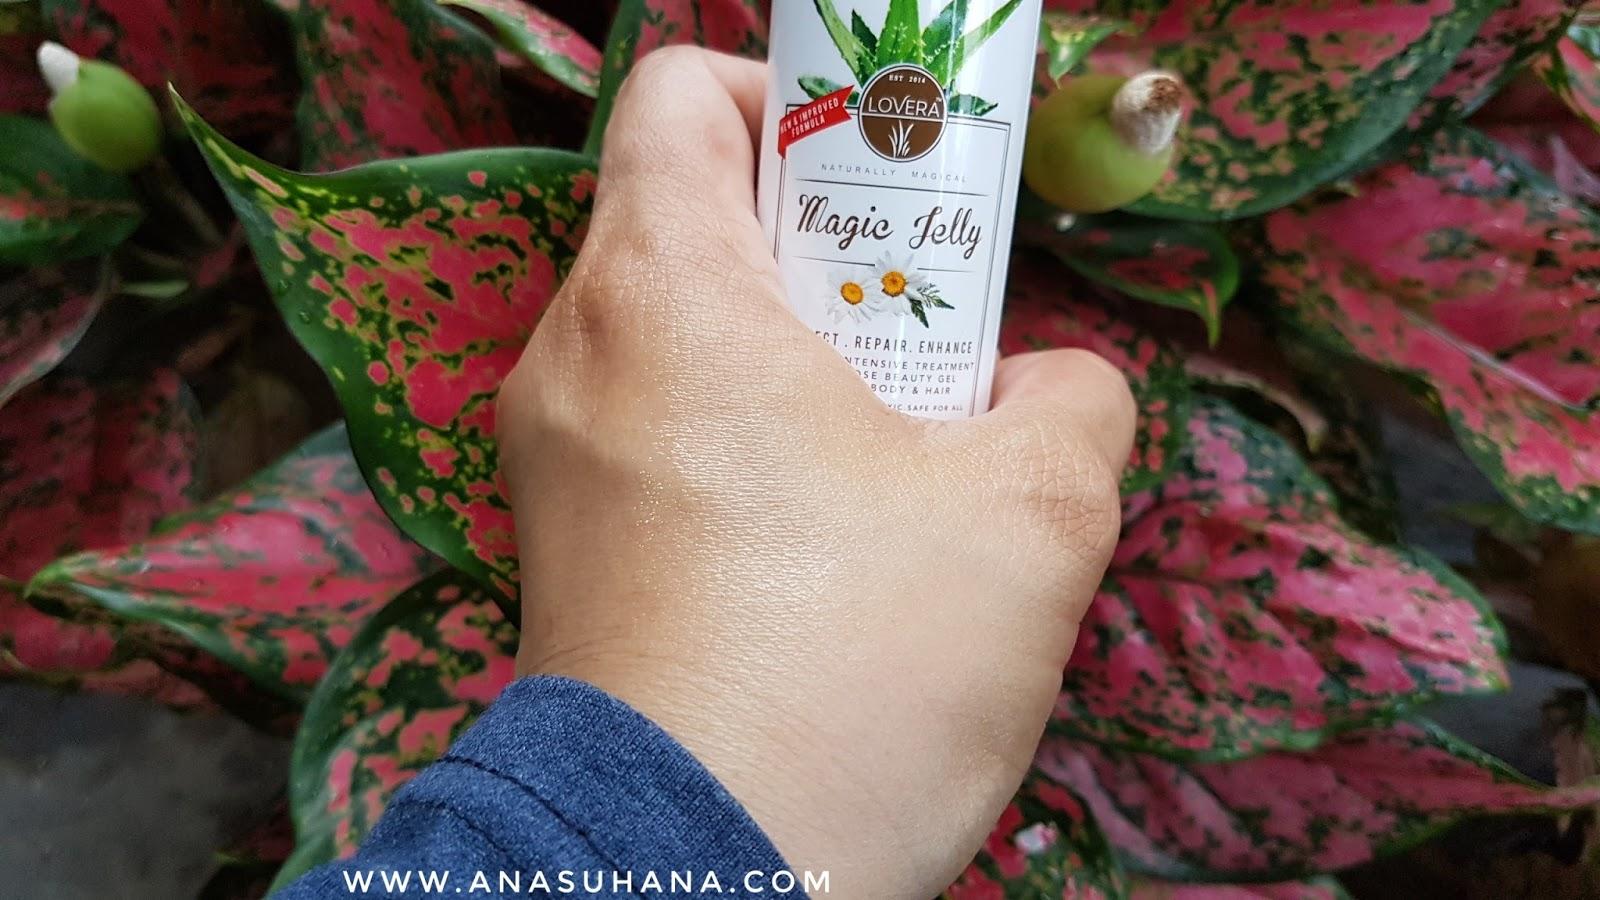 Lovera Magic Jelly